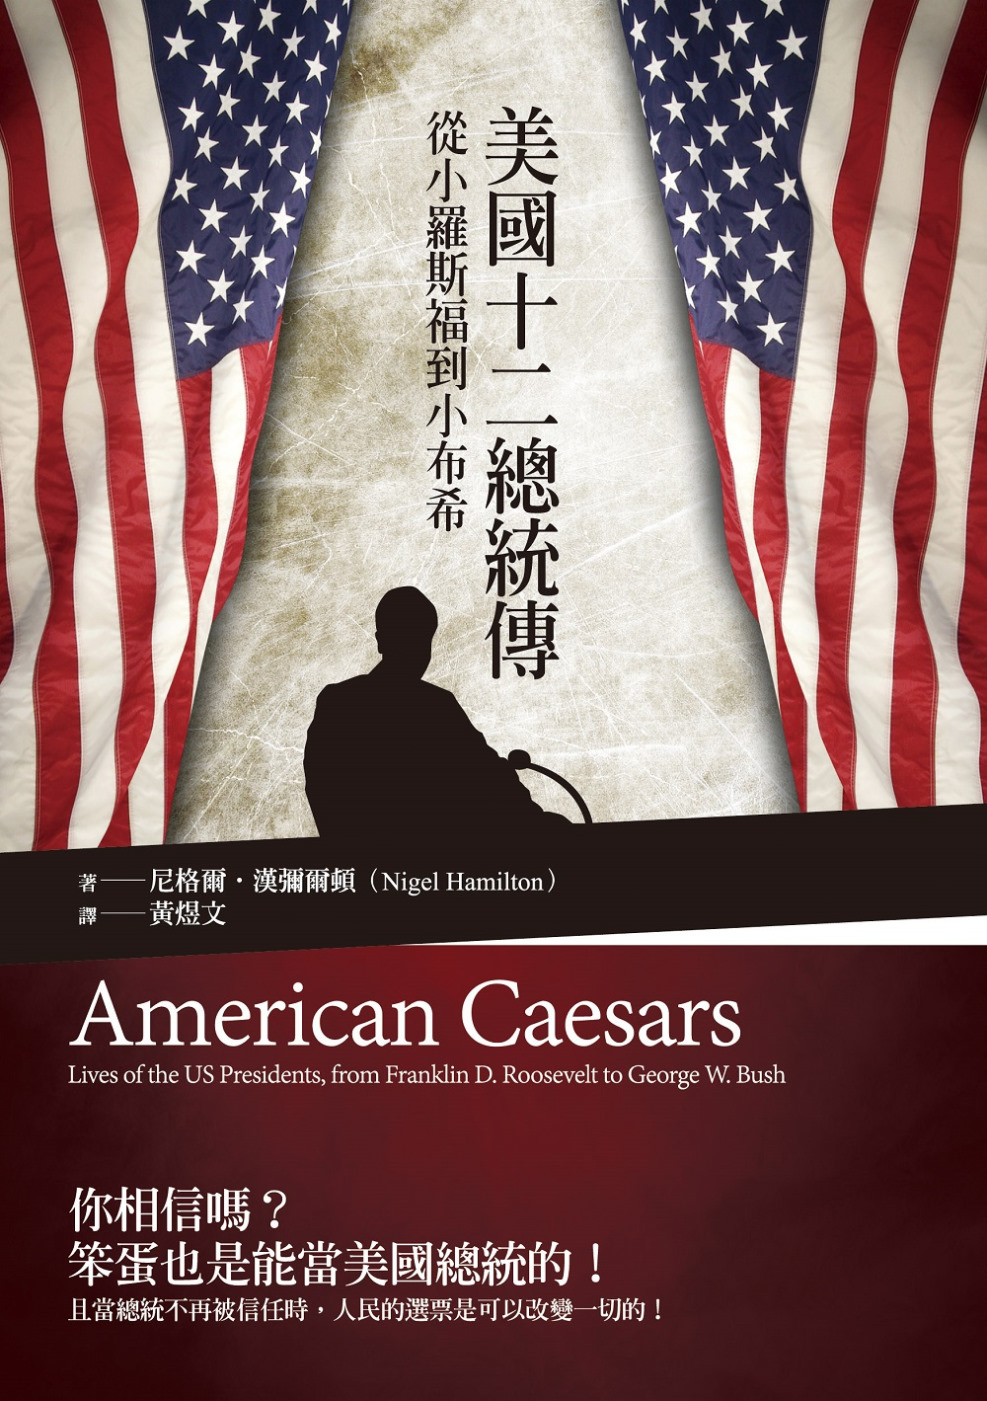 美國十二總統傳:從小羅斯福到小布希